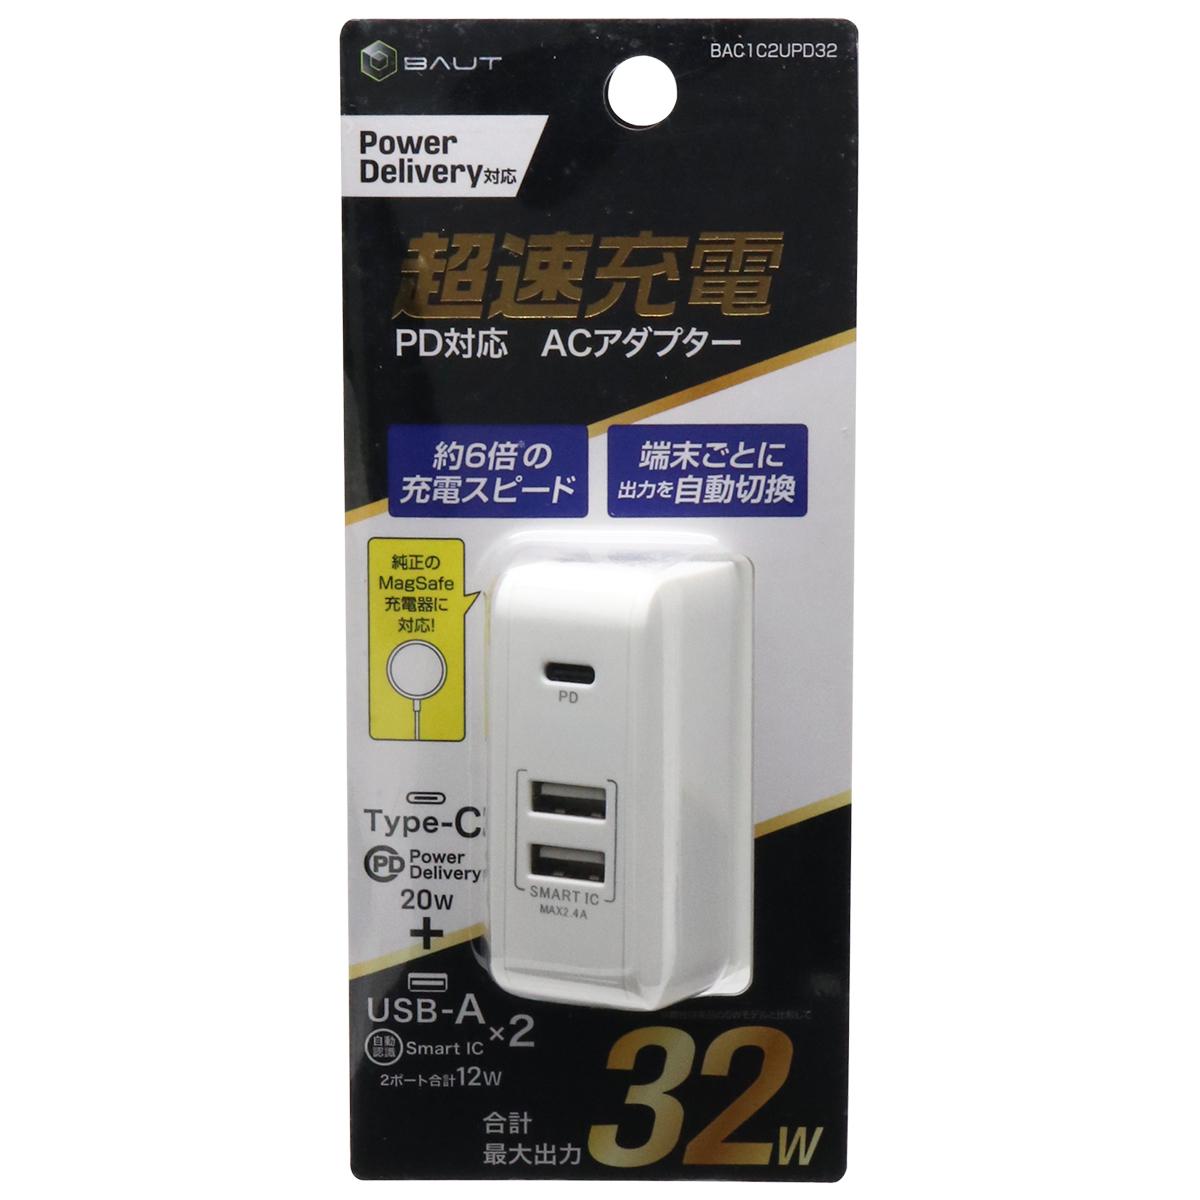 BAC1C2UPD32W-1